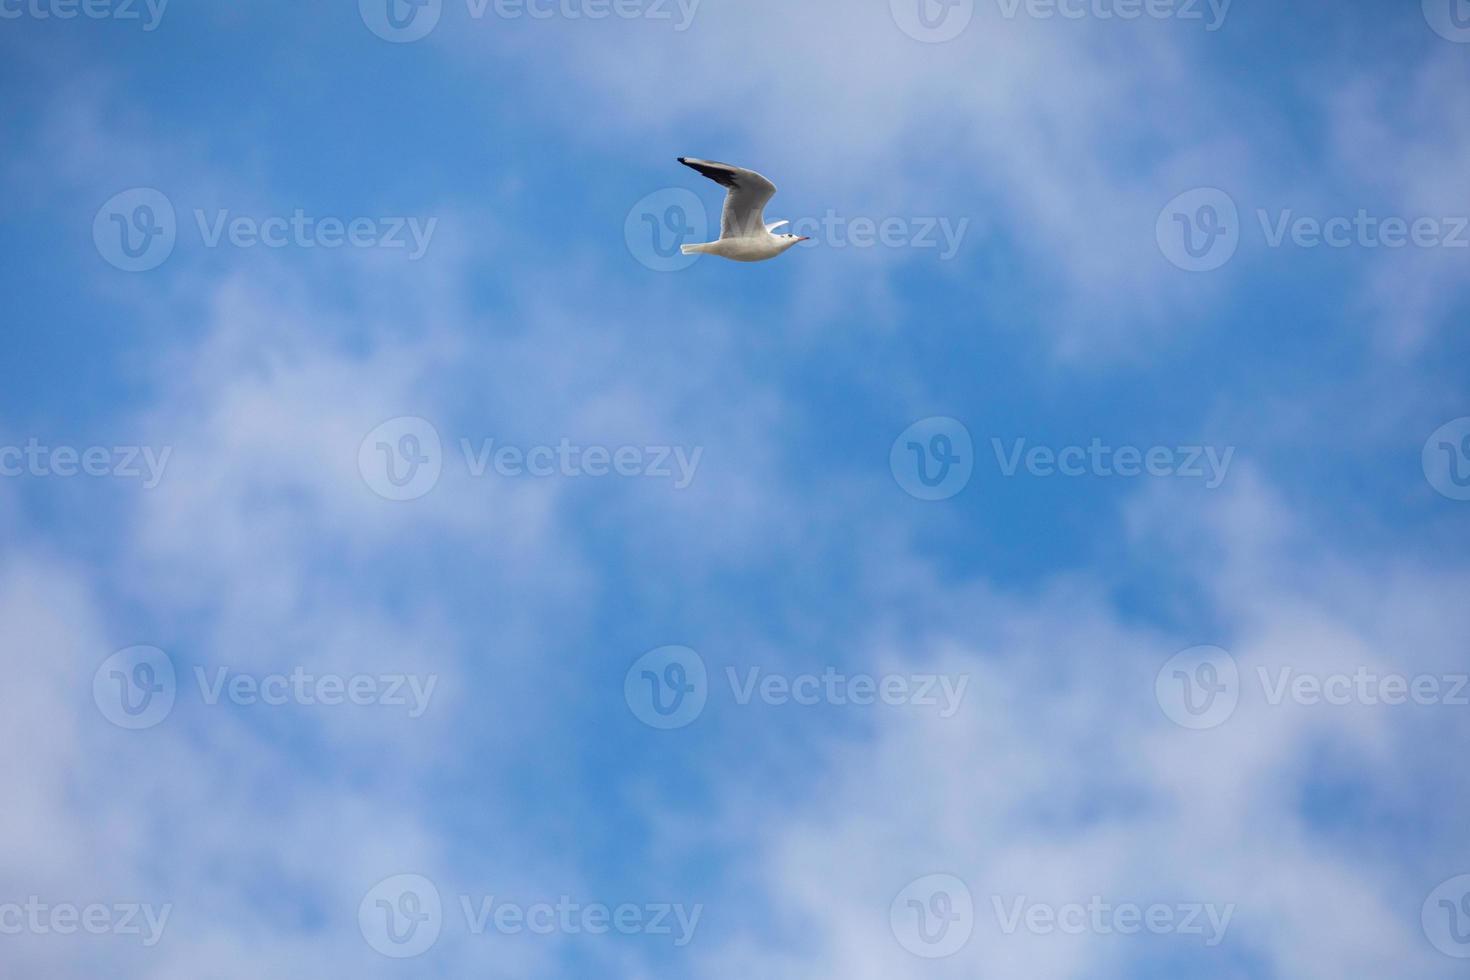 vogel vliegende zeemeeuw geïsoleerde hemel symbool van vrijheid concept. witte zeemeeuw in de lucht foto